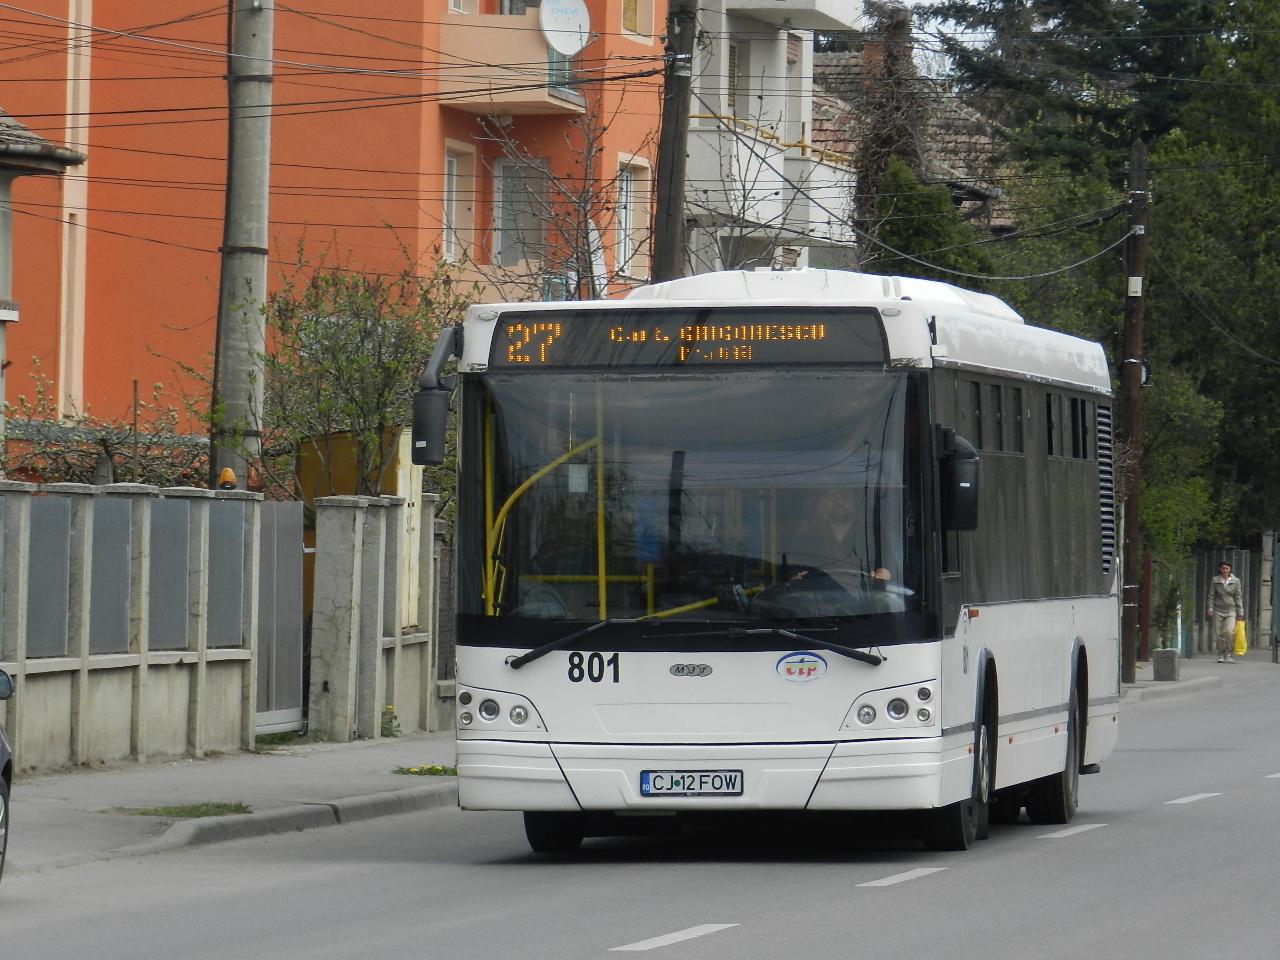 Cum circulă autobuzele și troleibuzele de sărbători la Cluj-Napoca?